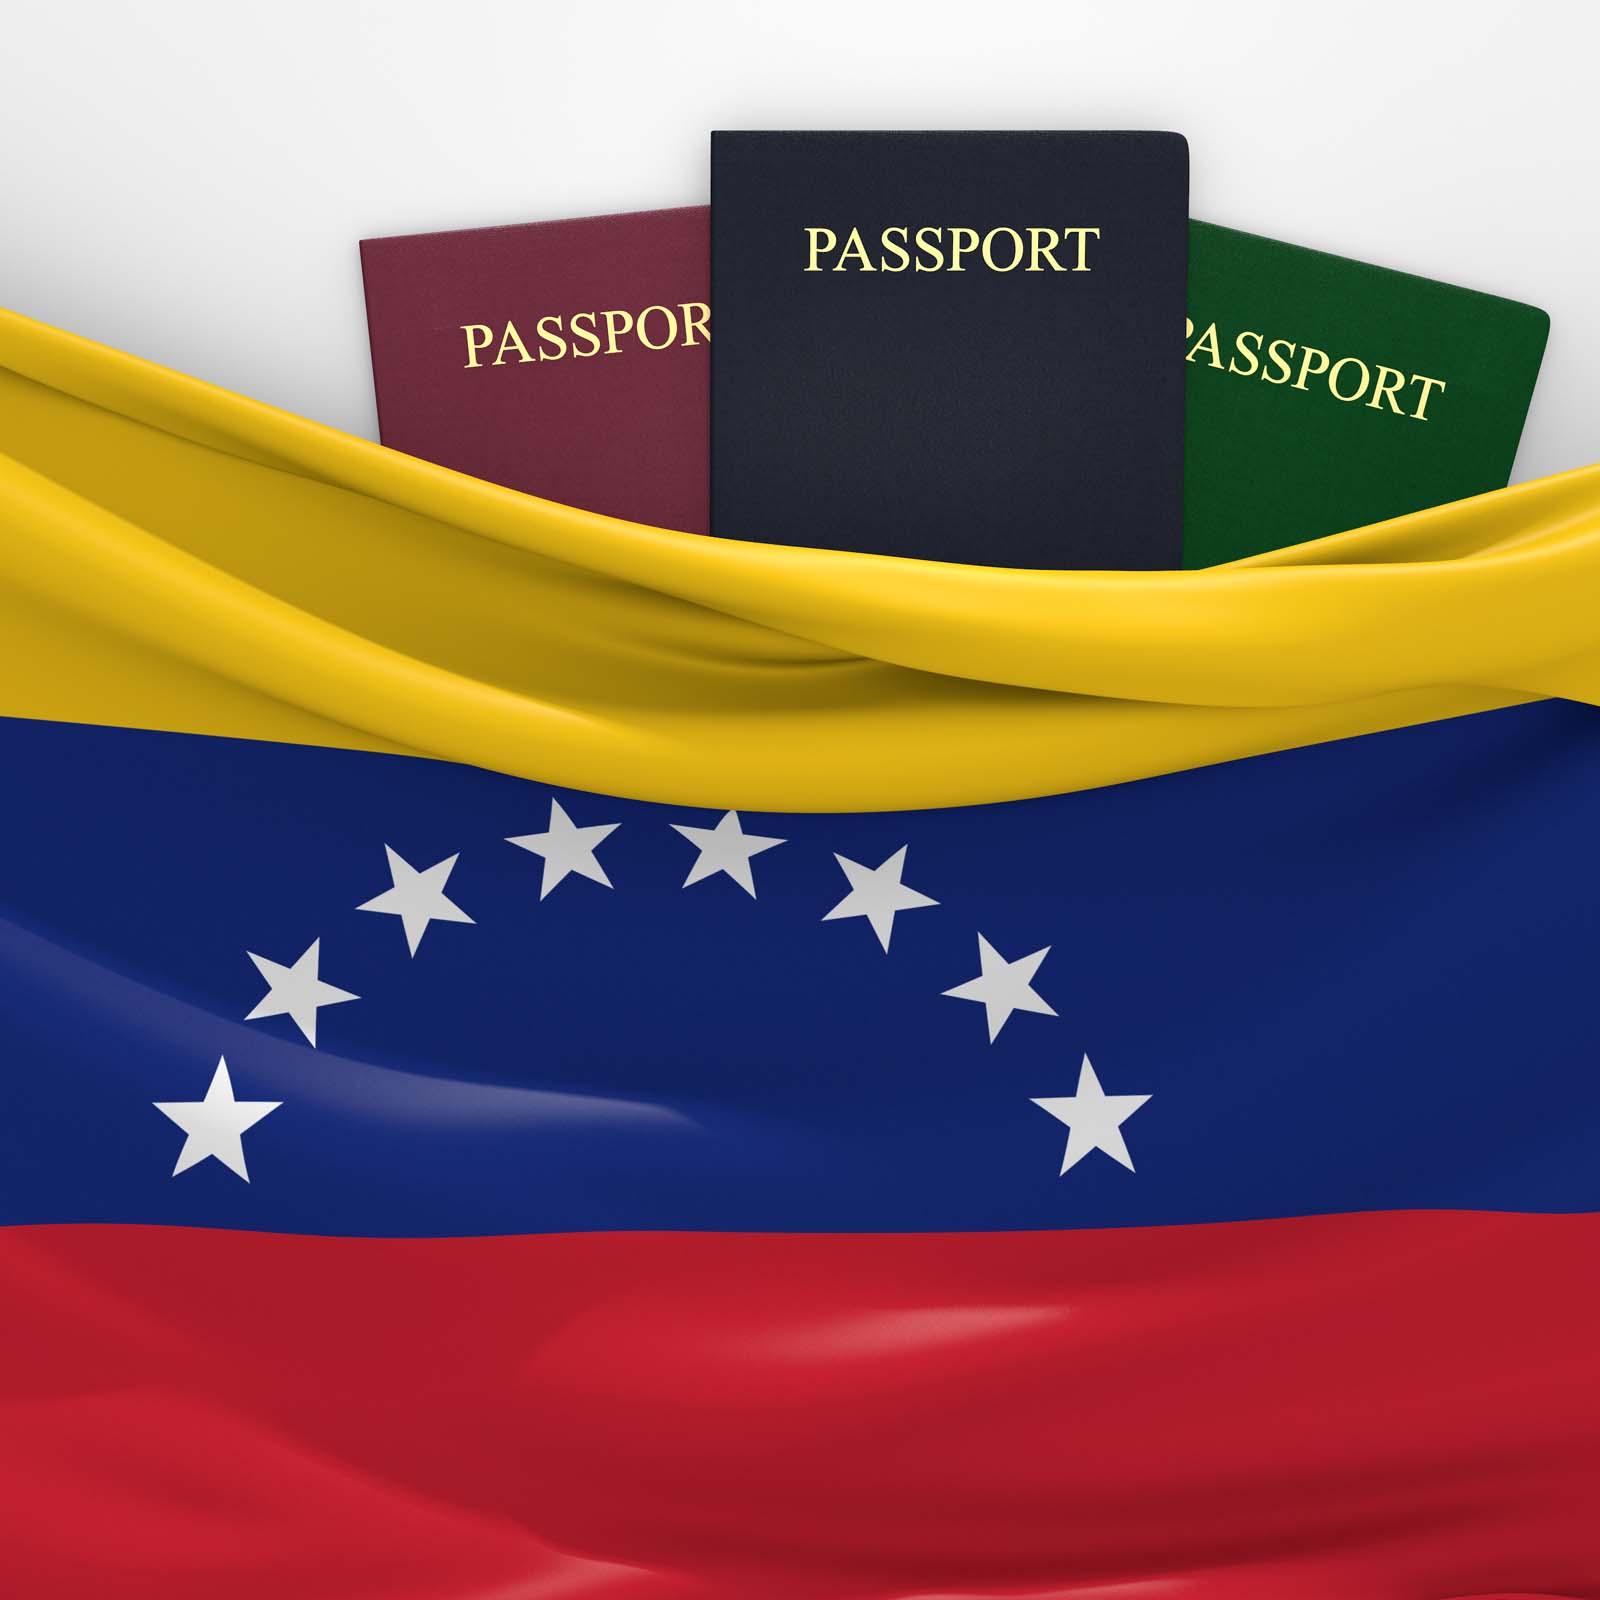 افزایش حمایت ونزوئلا از ارزهای دیجیتال با استفاده از ارز دیجیتال پترو Petro